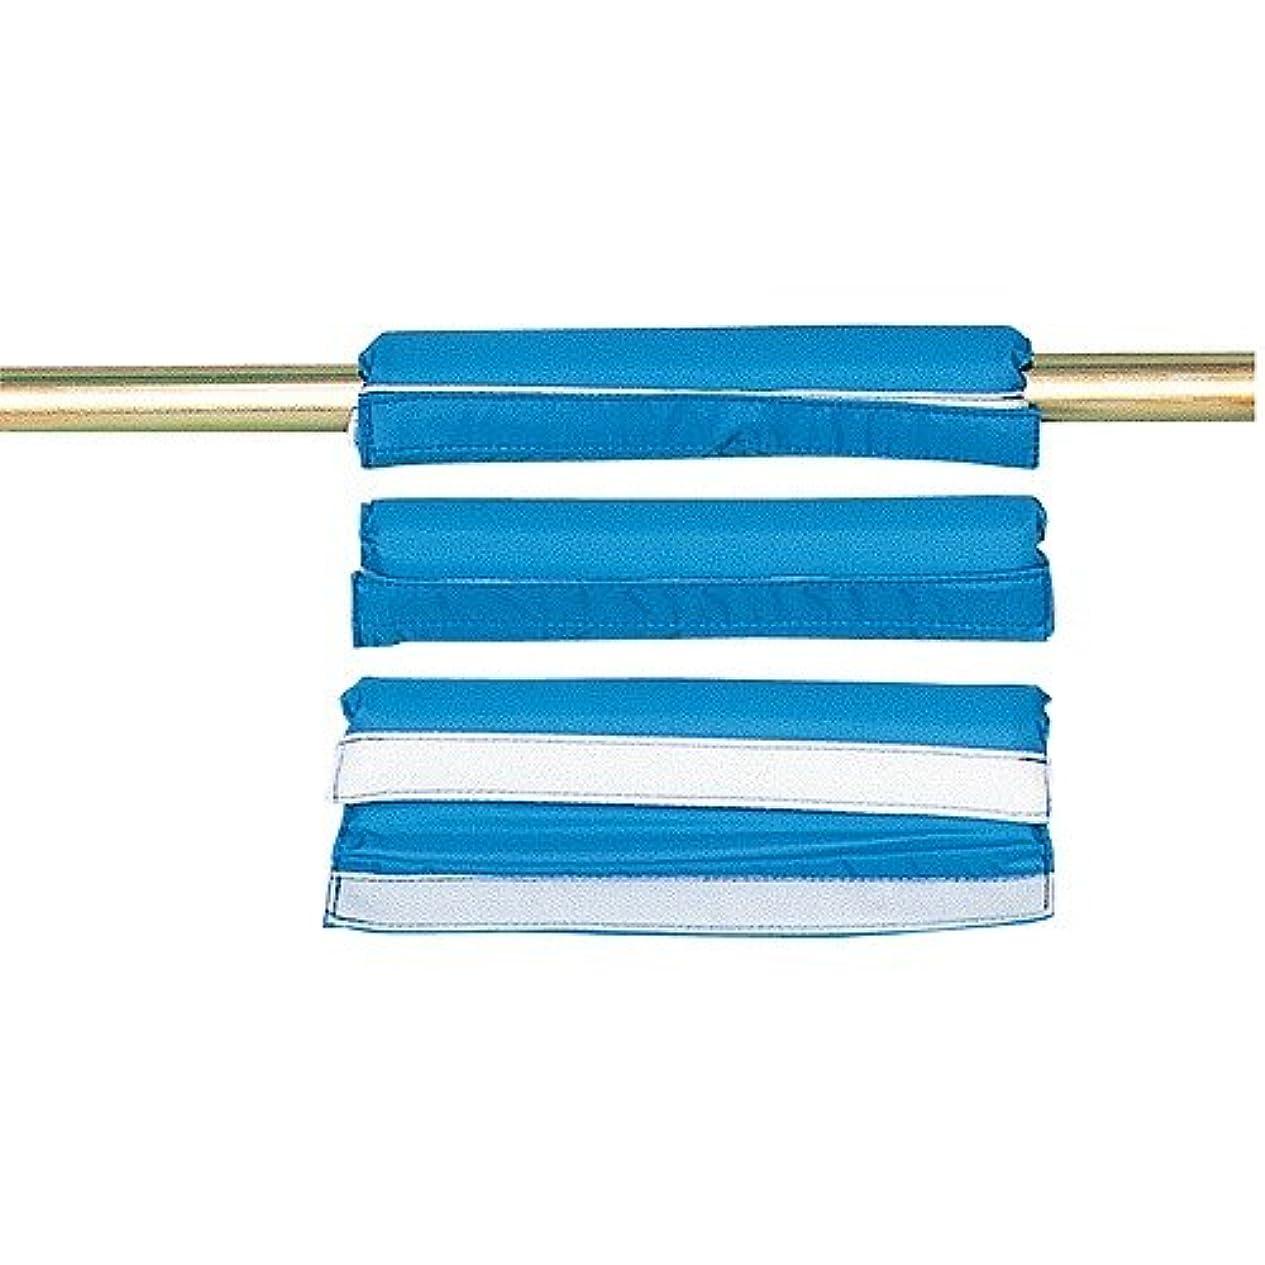 痴漢チャンピオン振りかける会龍企業 鉄棒サポートパット S 8個 ブルー